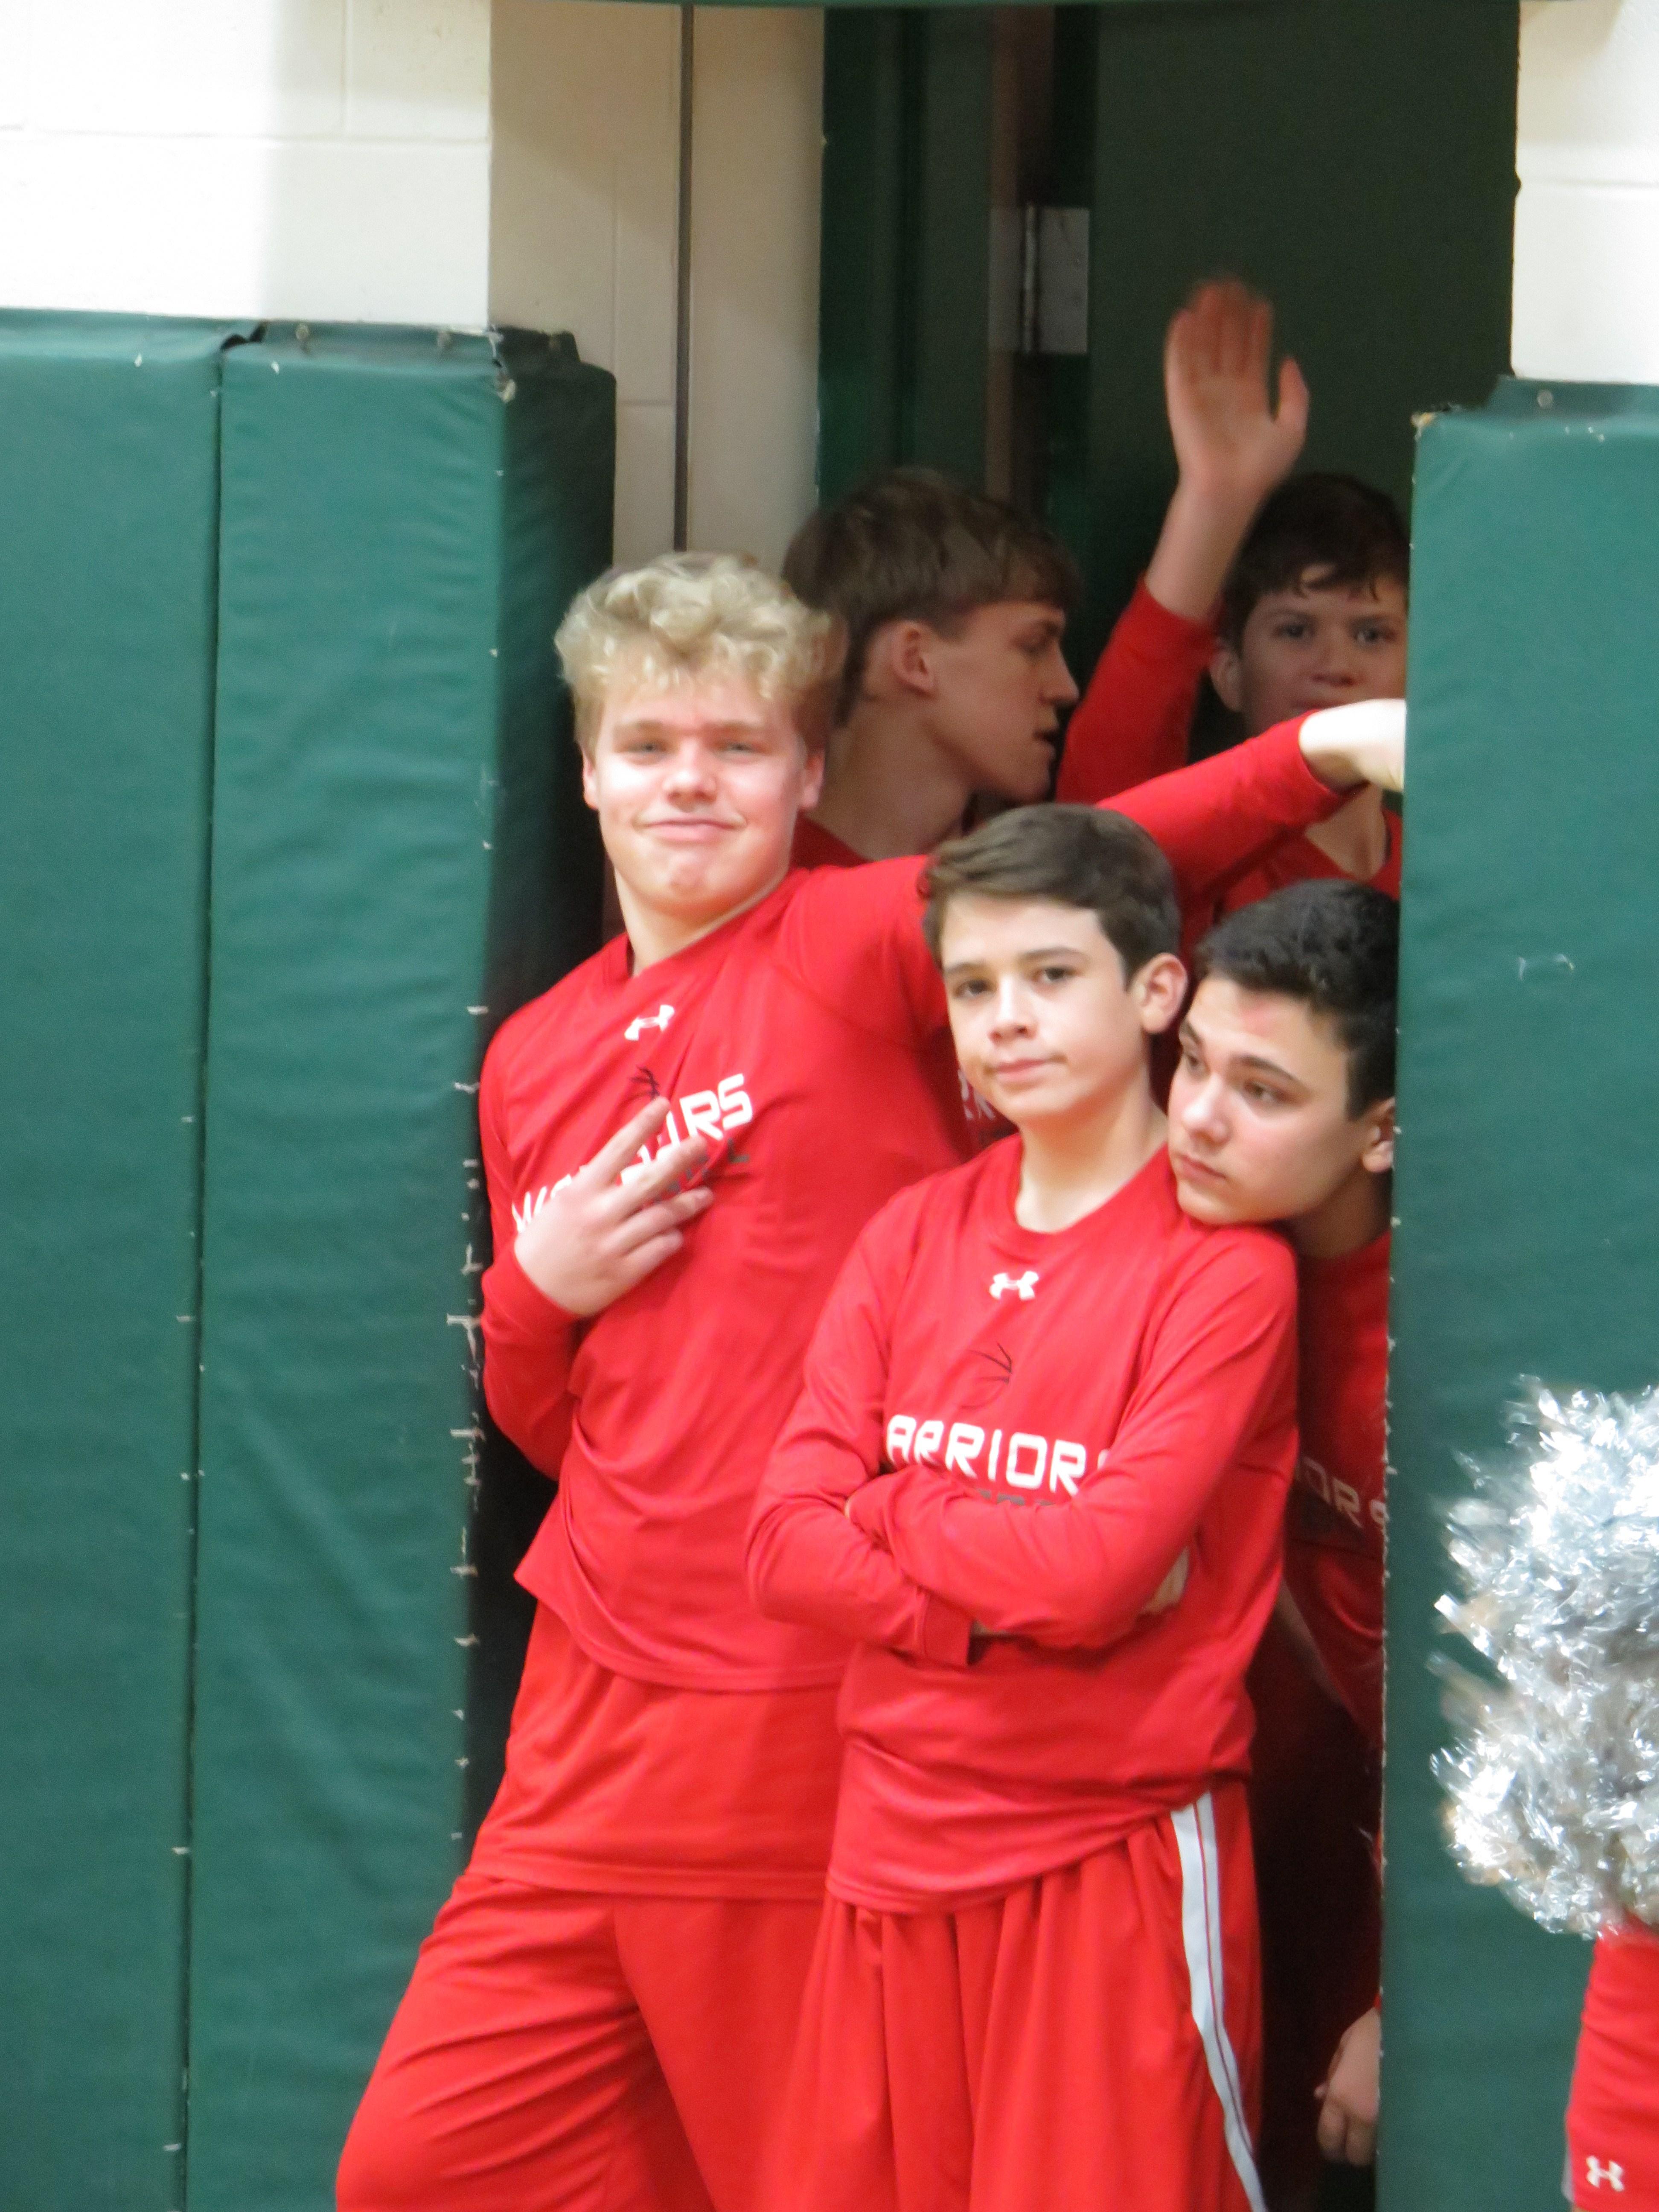 8th grade boys basketball player Ashton Harris